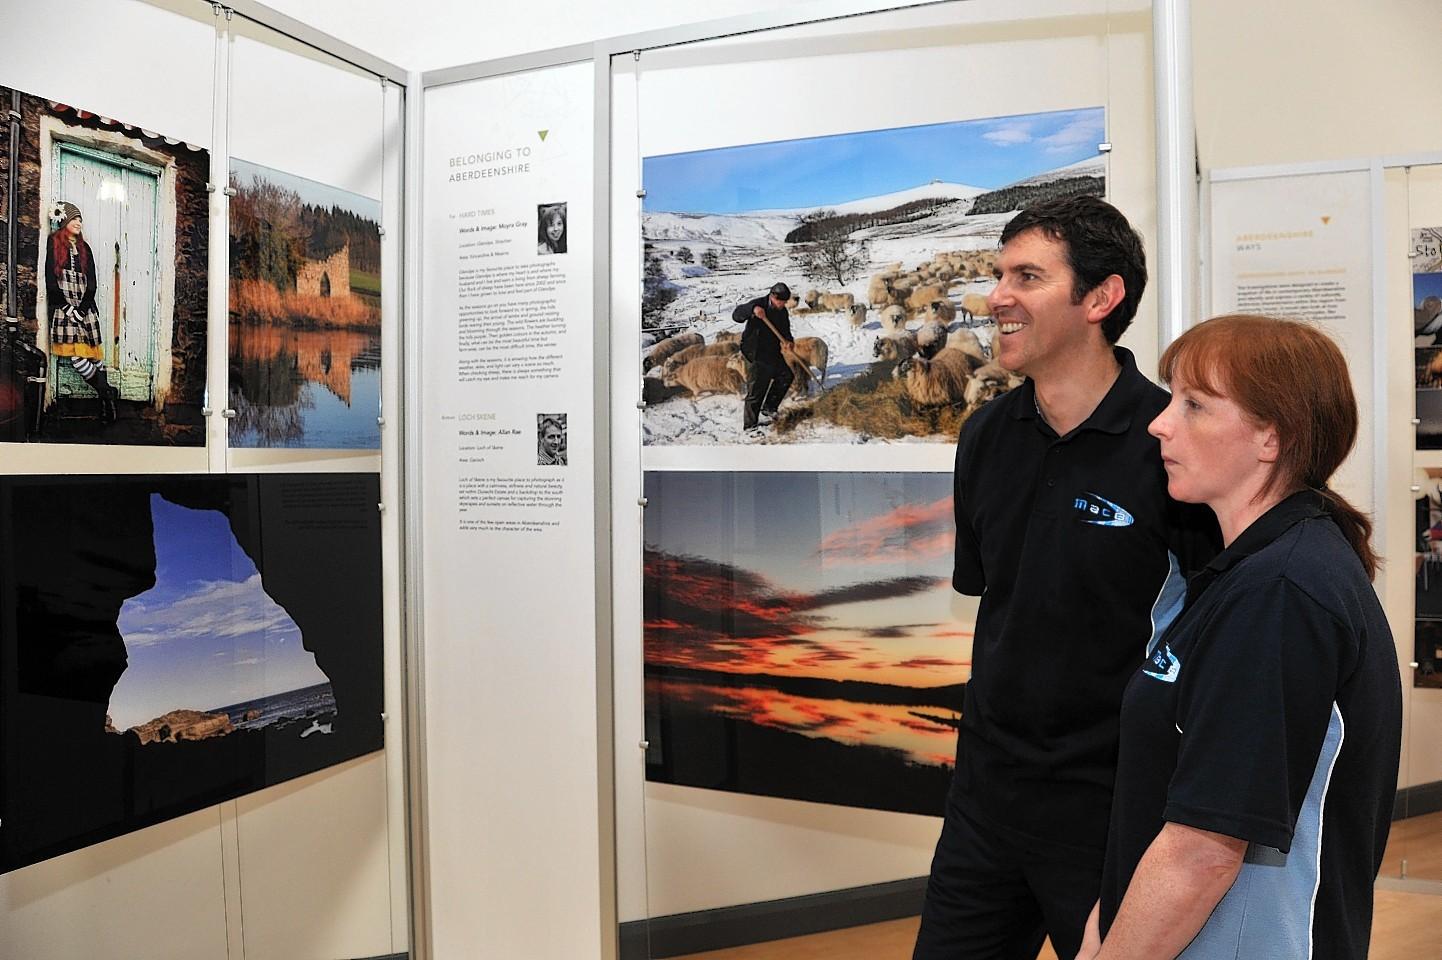 Triptych exhibition